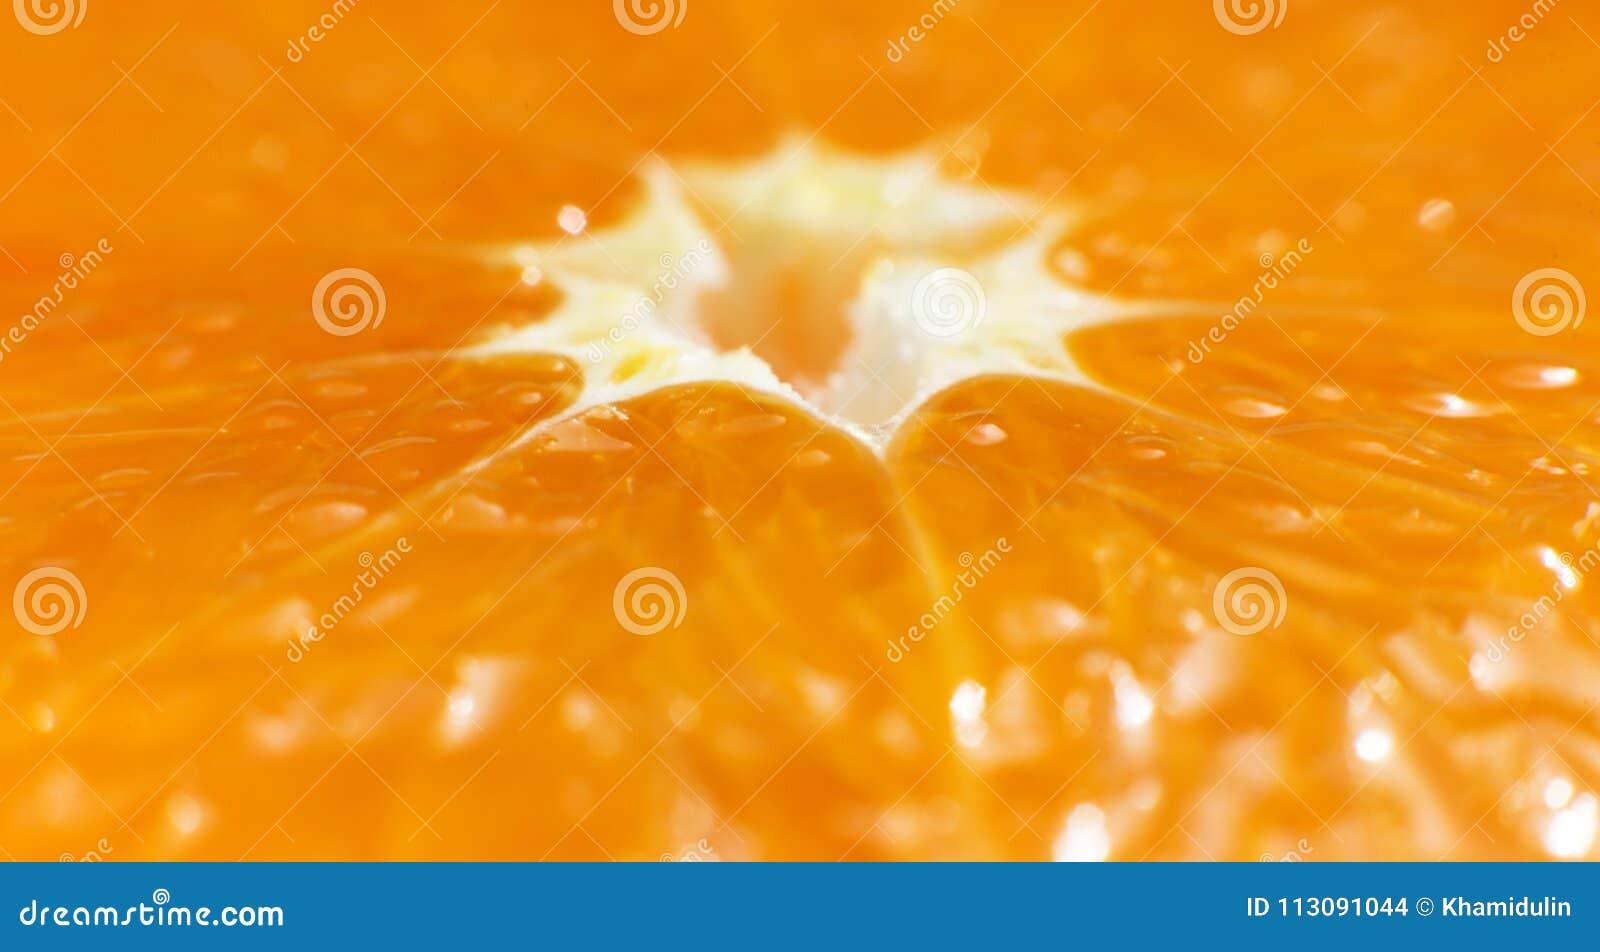 以桔子的一张宏观照片的形式纹理